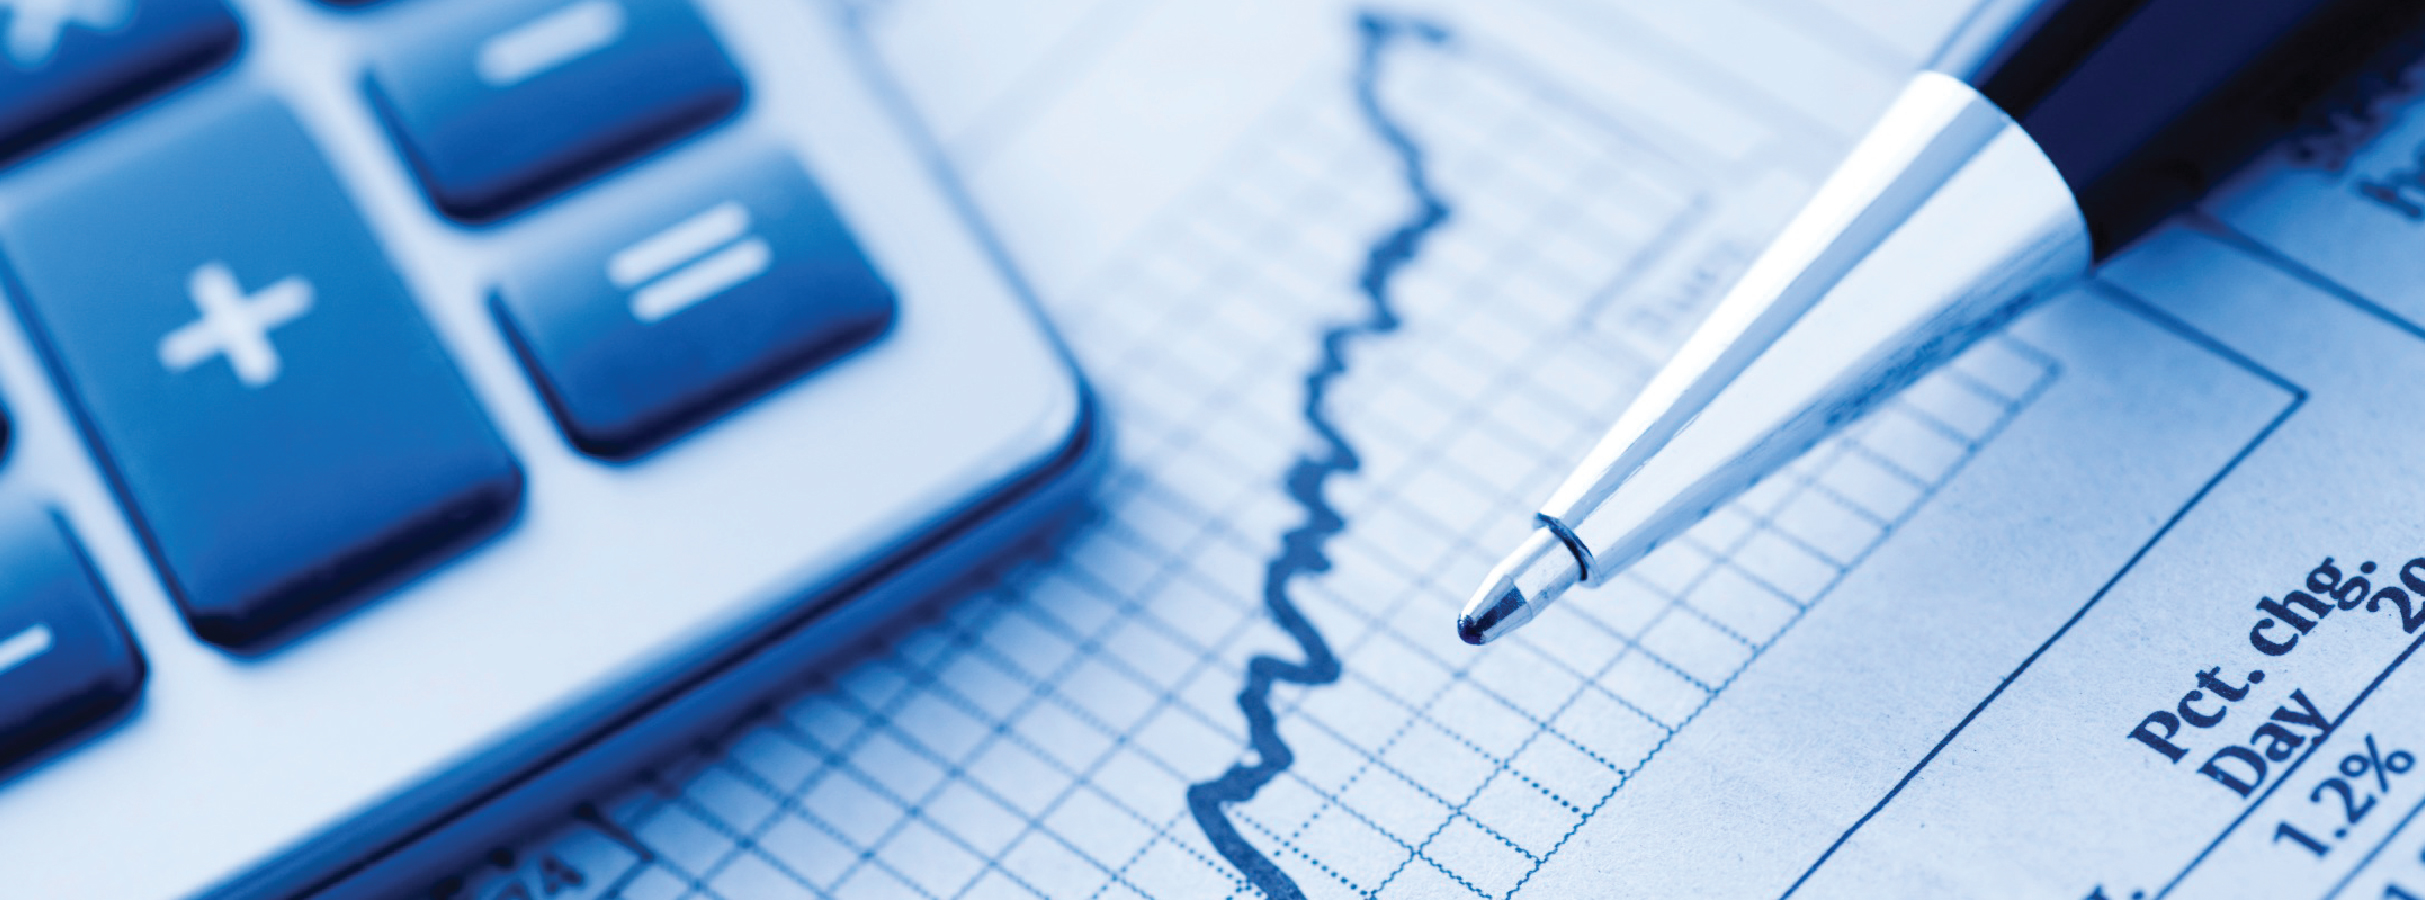 La dématérialisation de la chaîne comptable et budgétaire (1/2)